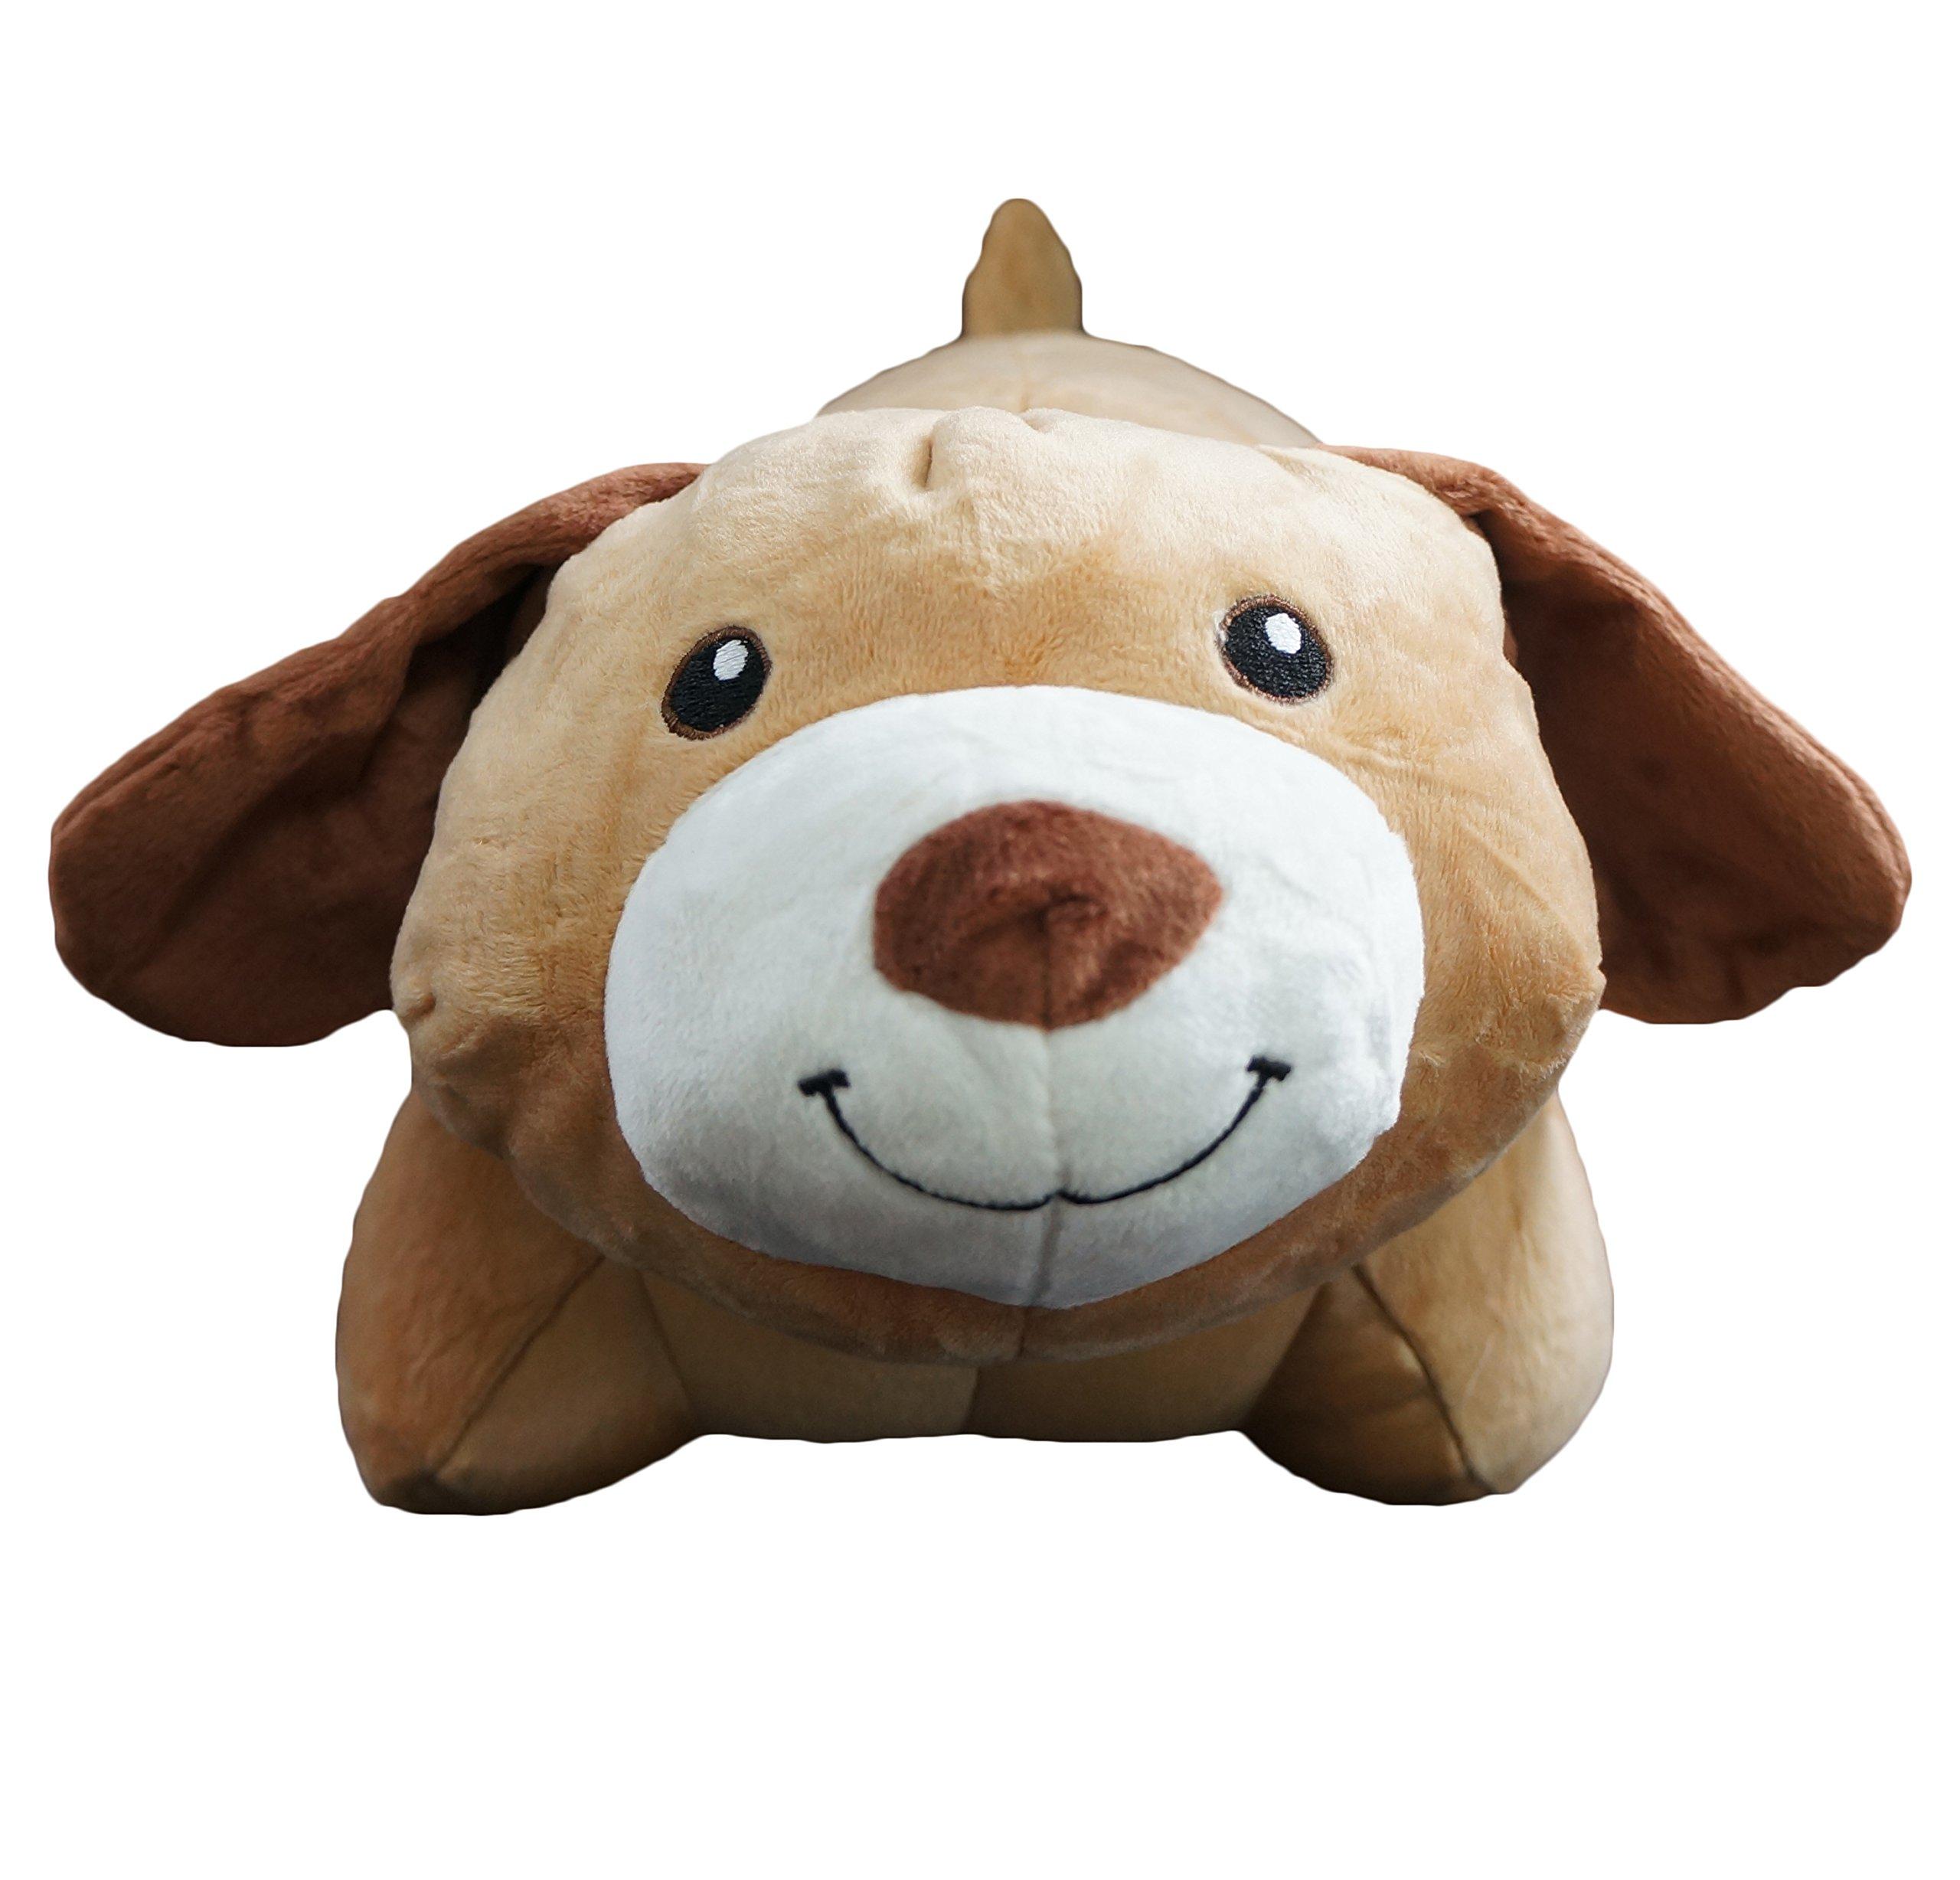 Yzakka Convertible Neck Pillow U Shaped Travel Pillow Stuffed Plush Toy Animal Dog by Yzakka (Image #3)